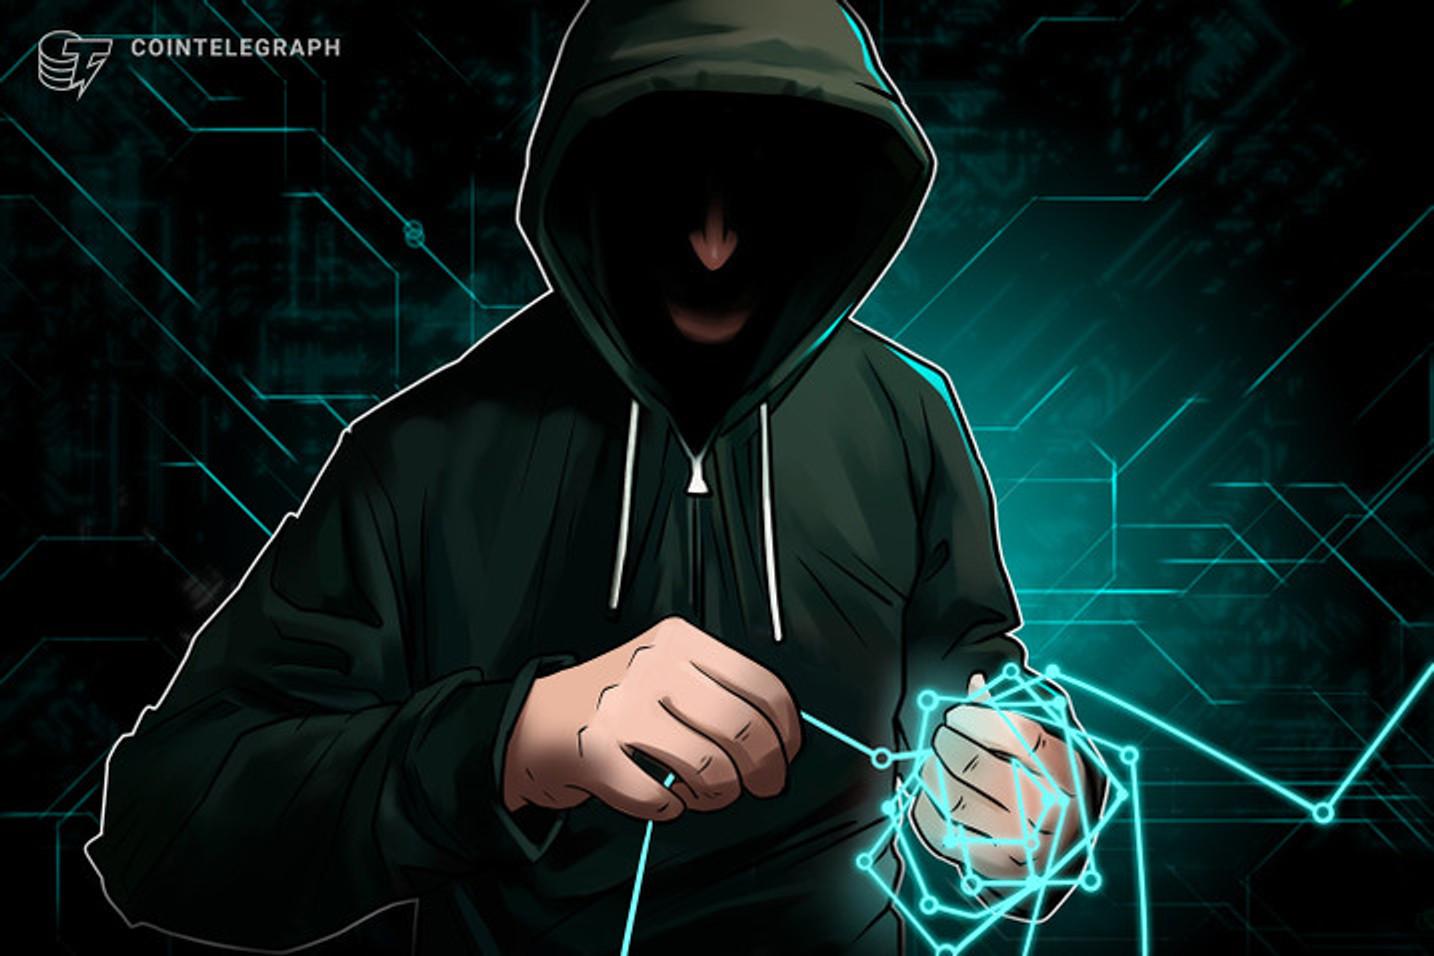 'Tem que negociar Bitcoin', diz hacker preso pela PF; dados de 223 milhões de brasileiros foram vazados de órgão do governo